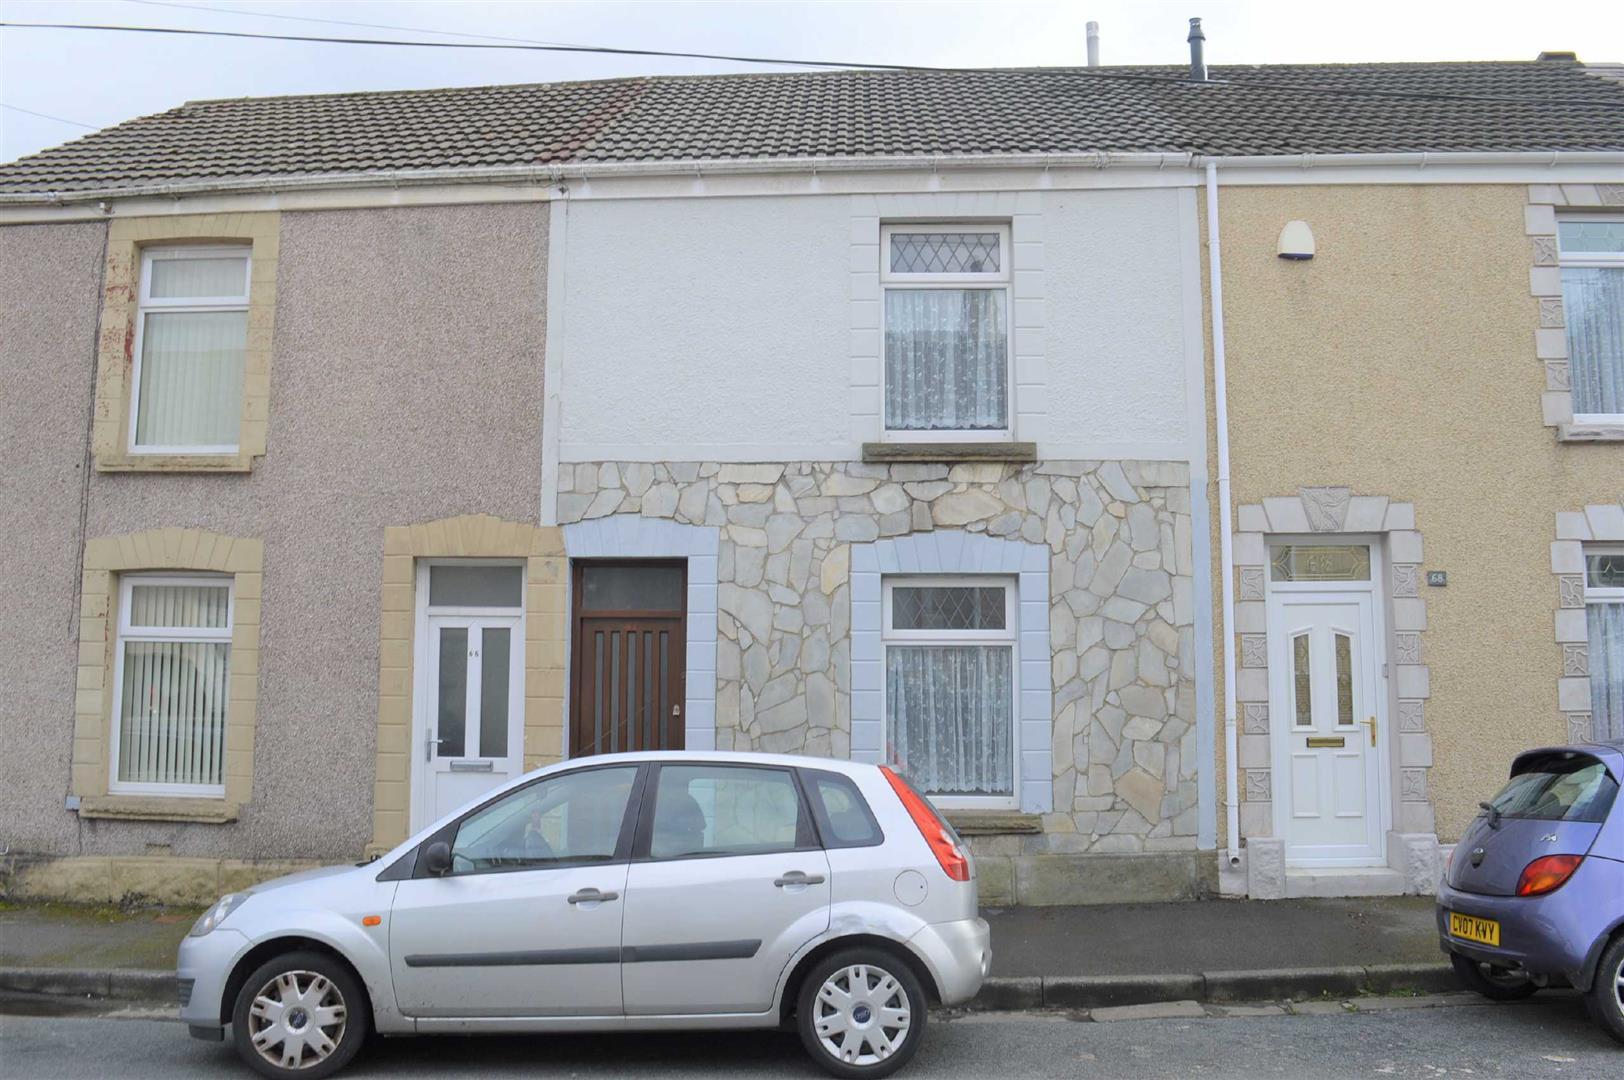 Bryn Street, Brynhyfryd, Swansea, SA5 9HR